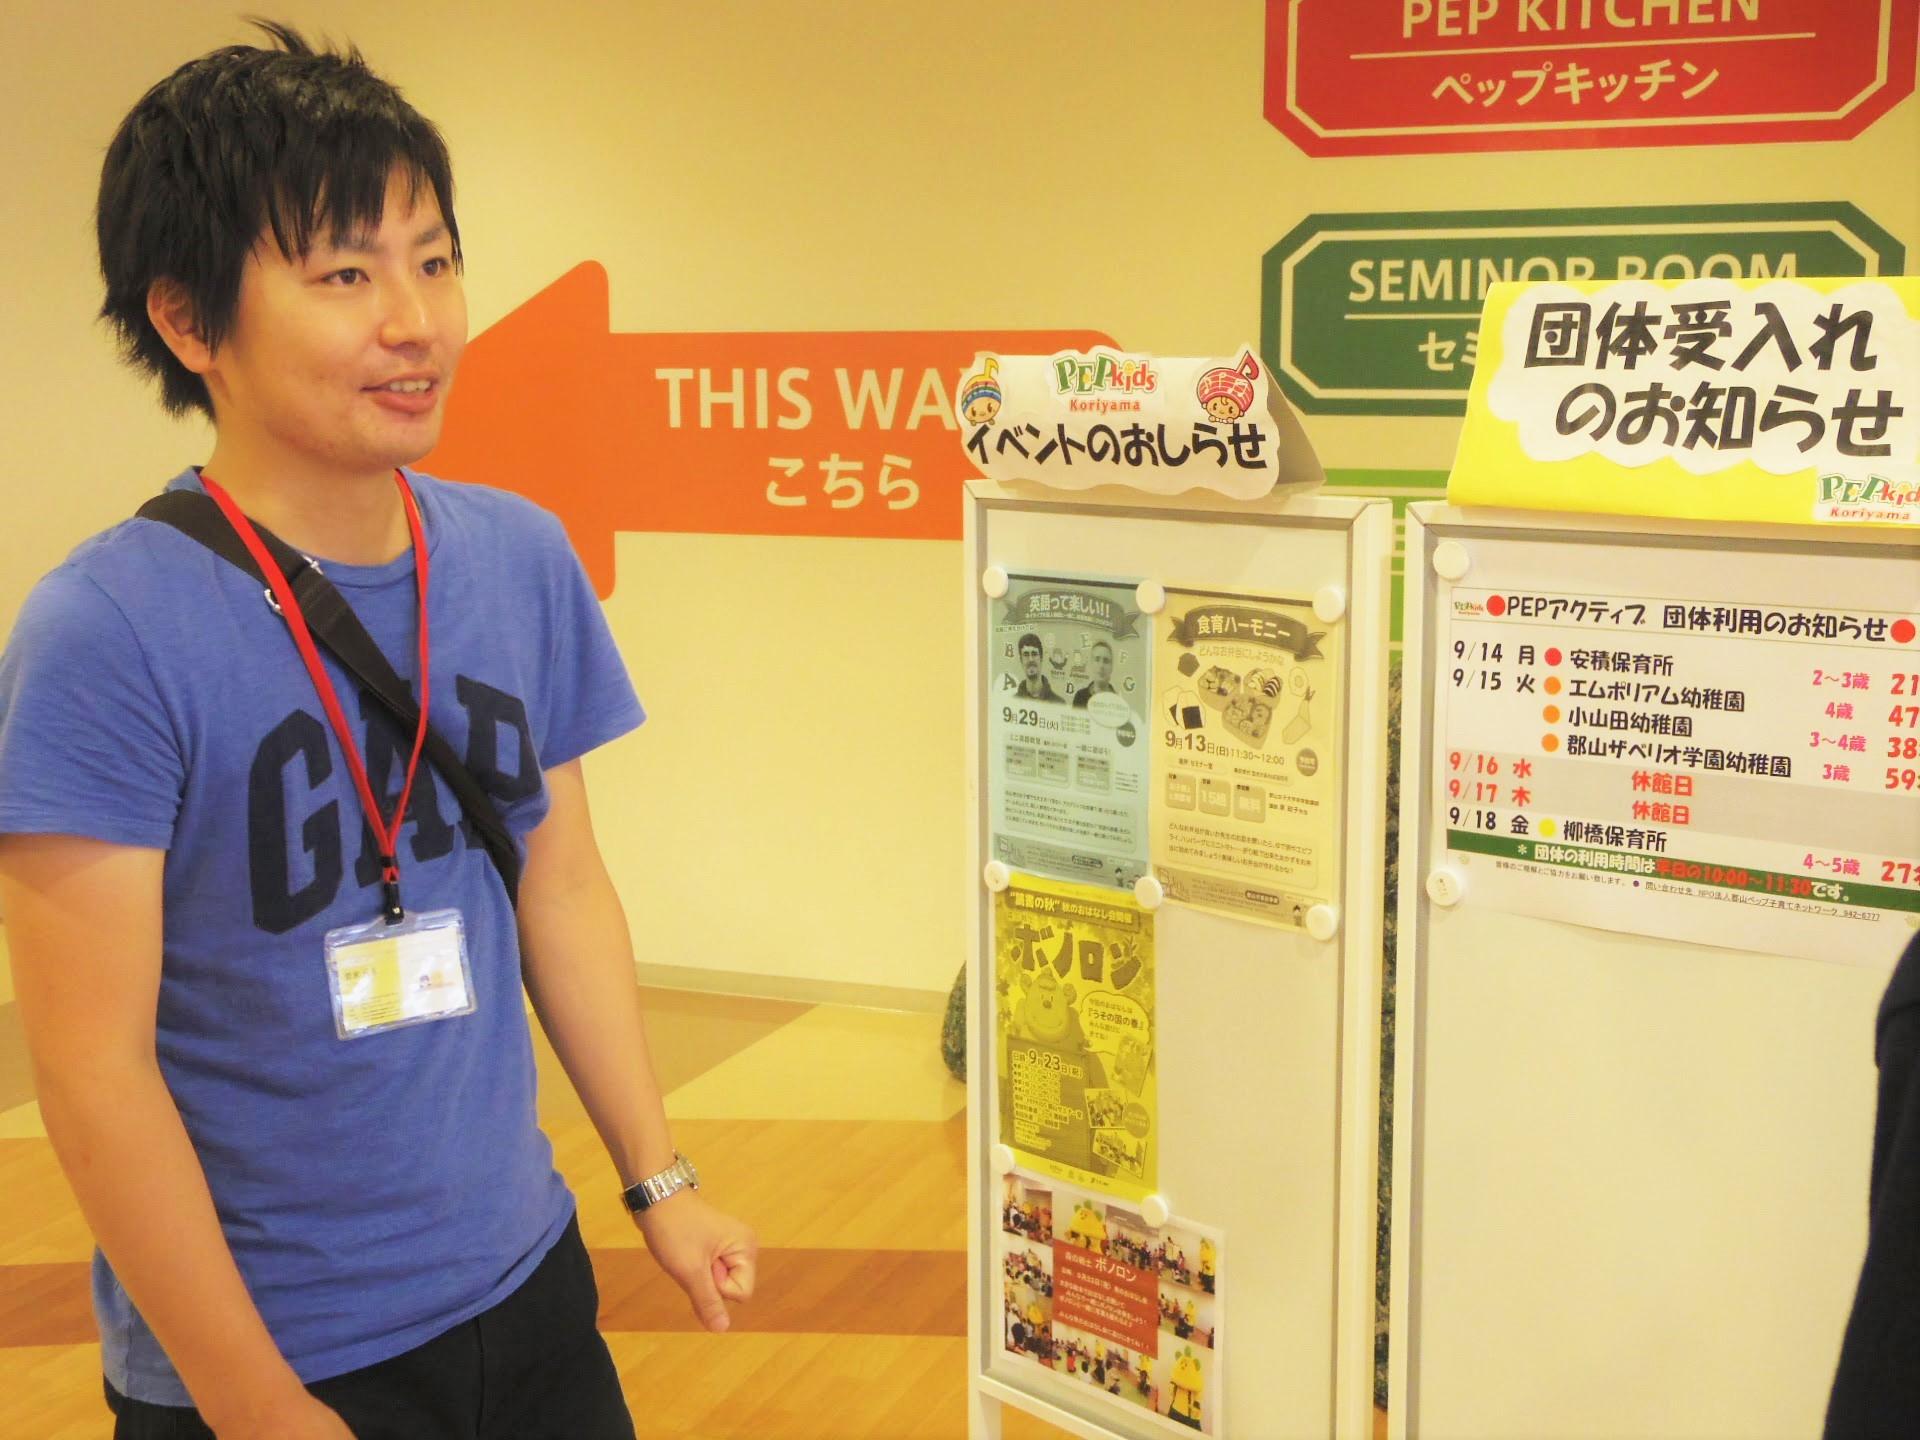 ペップキッズで行われる様々なイベントの説明をする菅家さん。当日は「食育ハーモニー(どんなお弁当にしようかな)」が行われていました!